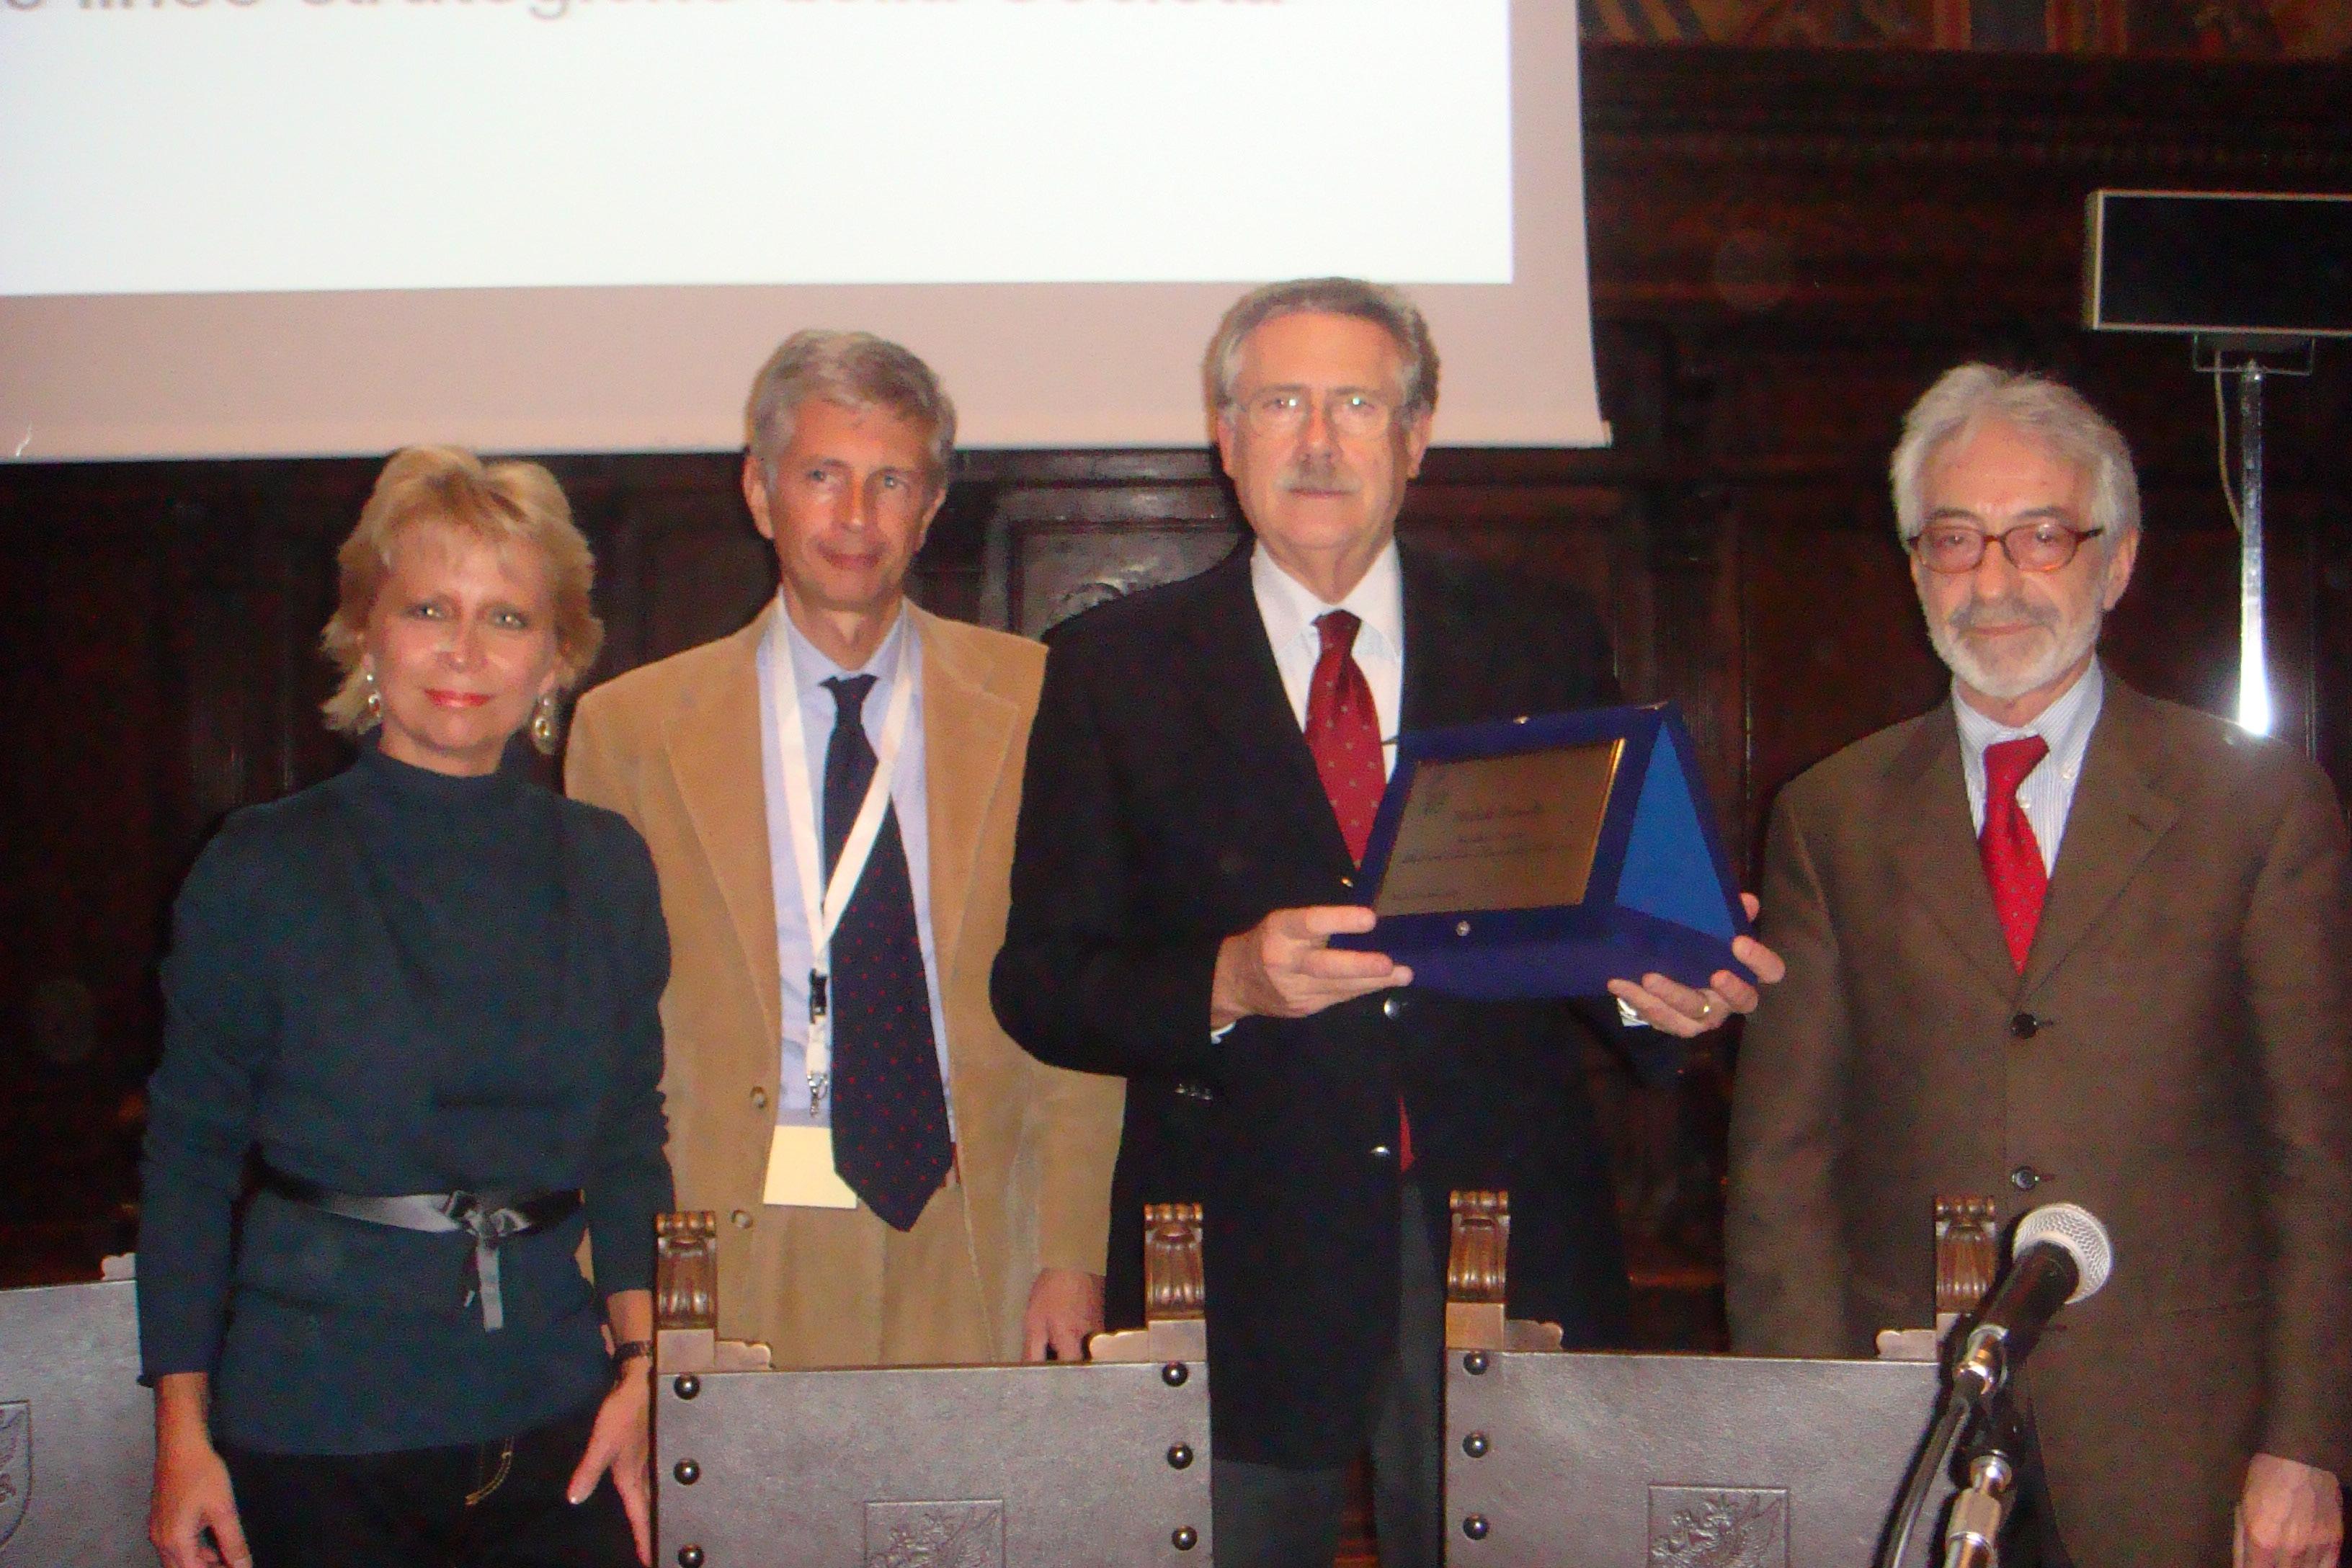 Il Presidente Onorario con il Presidente in carica Antonio Lora (a sn) e i Past-President Mirella Ruggeri e Angelo Cocchi (a dx)